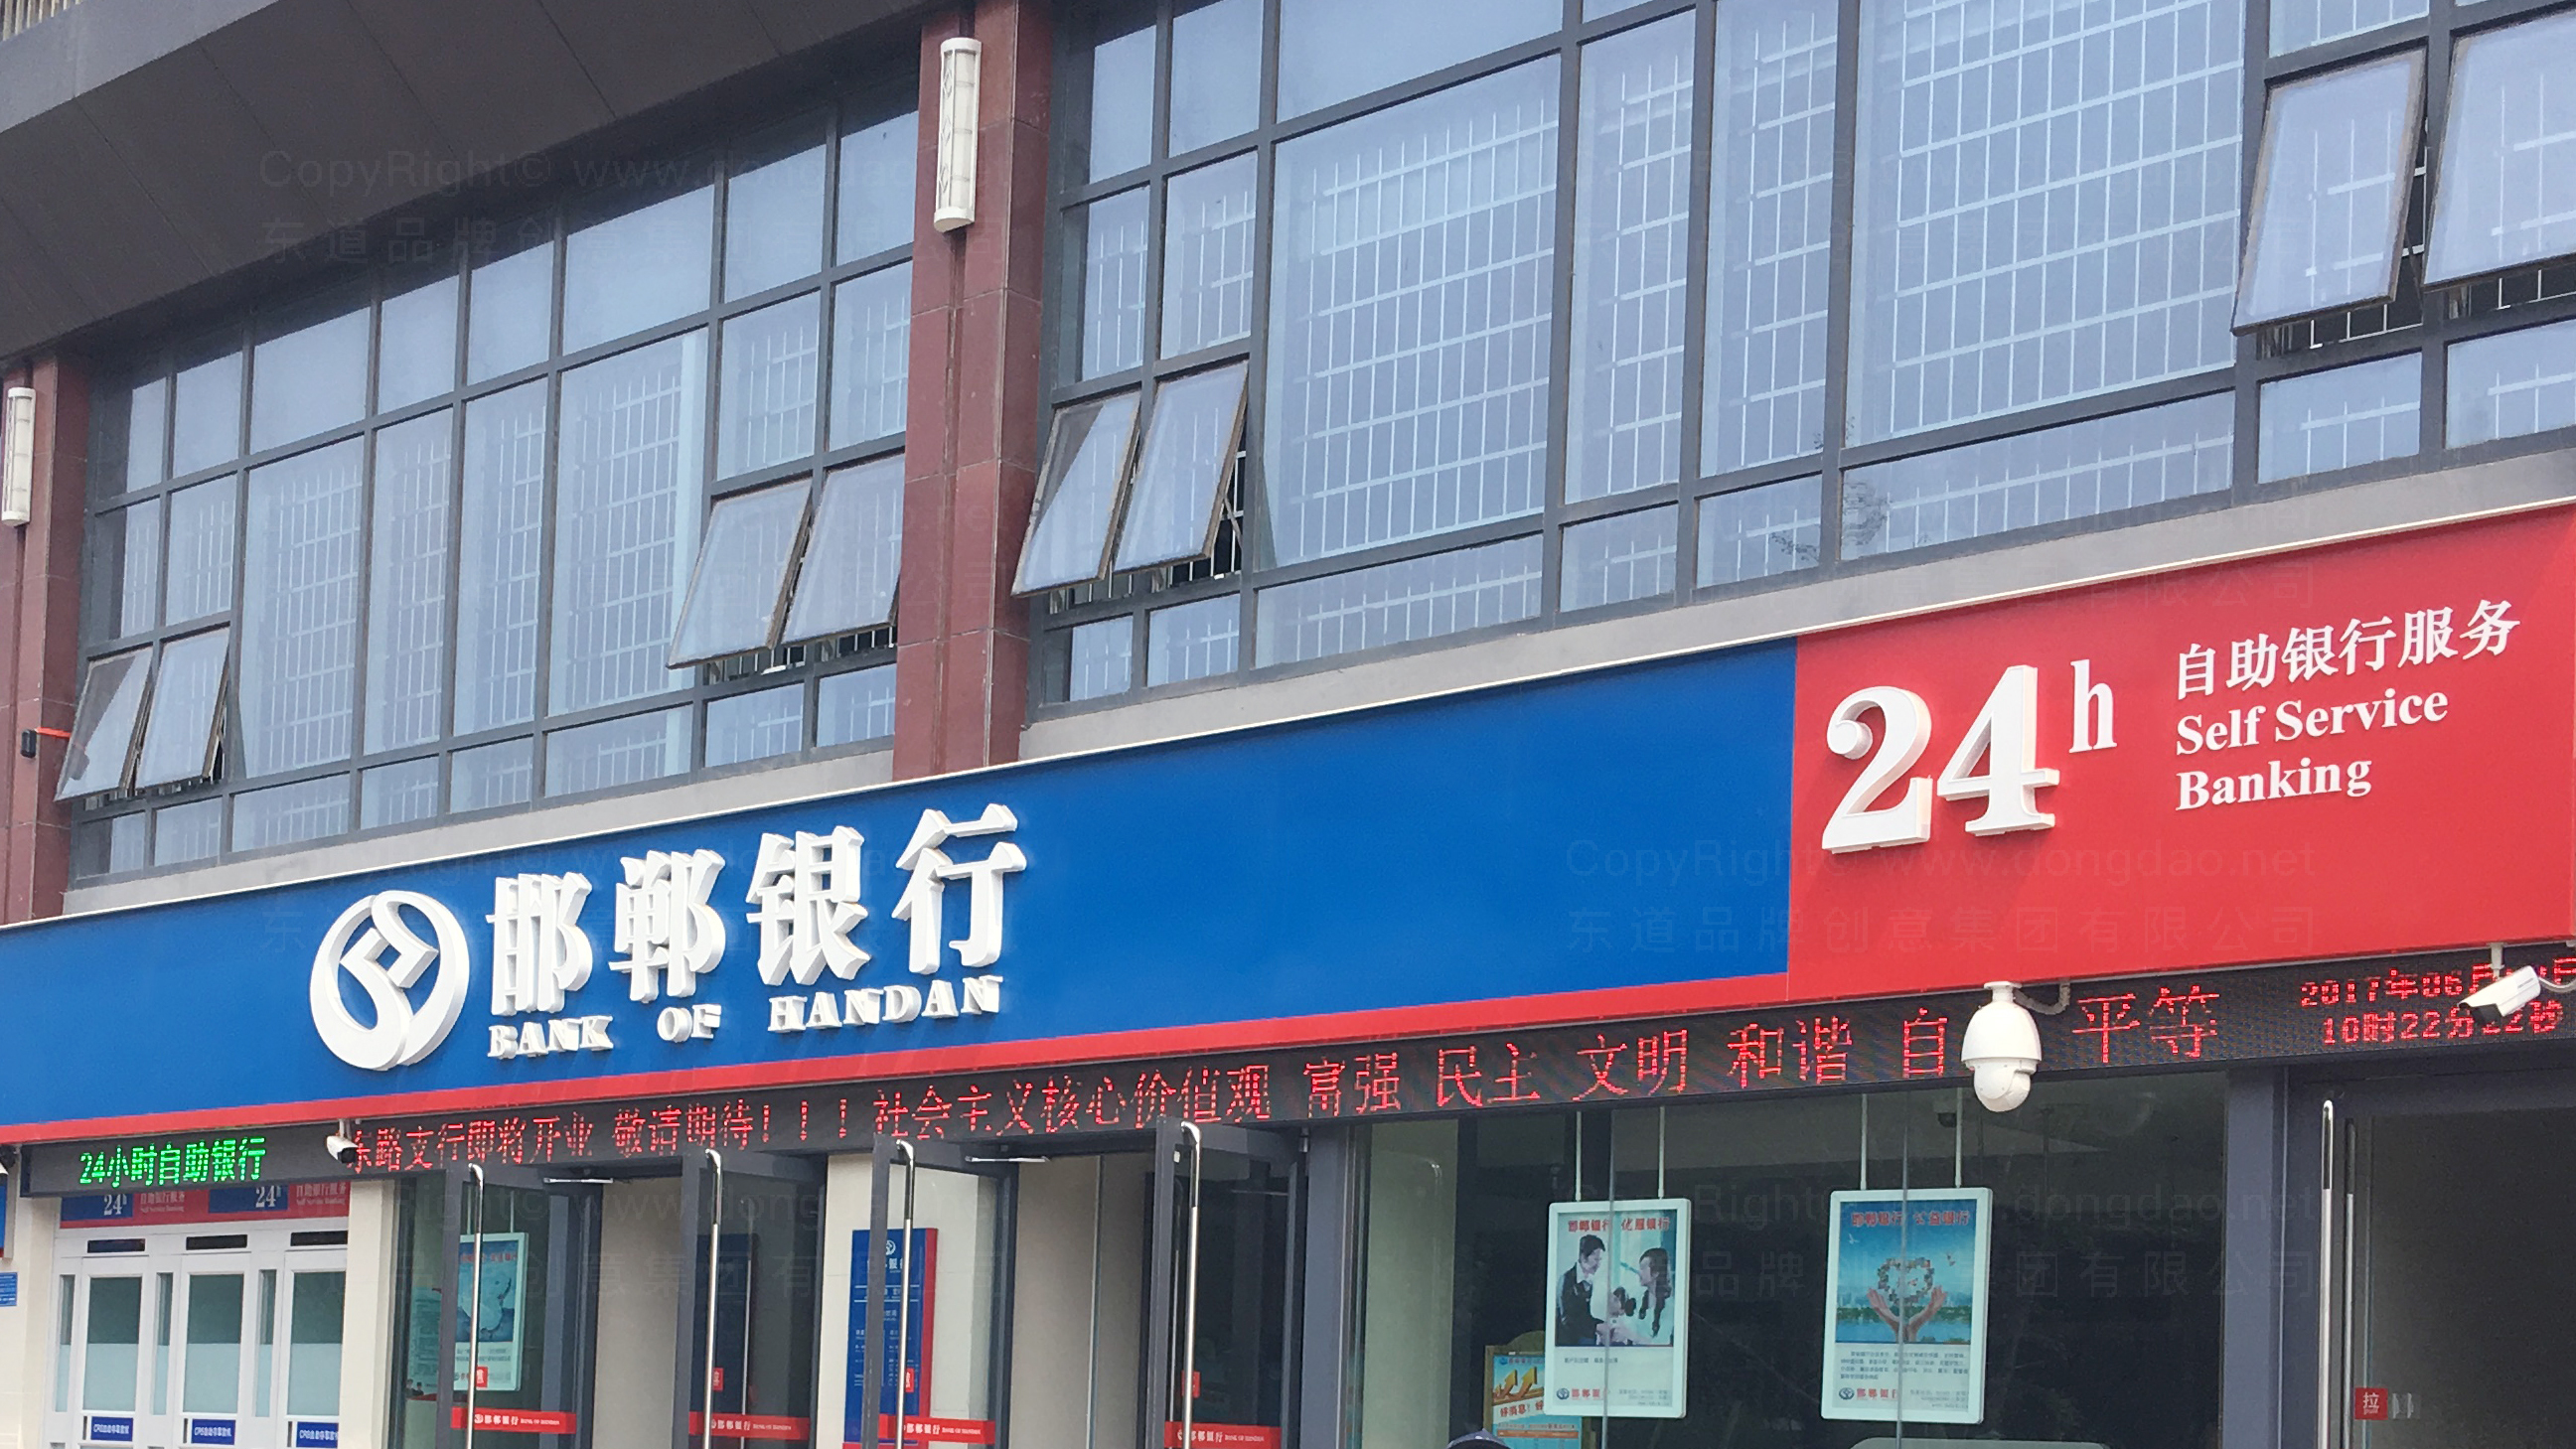 落地工程邯郸银行标识工程应用场景_27